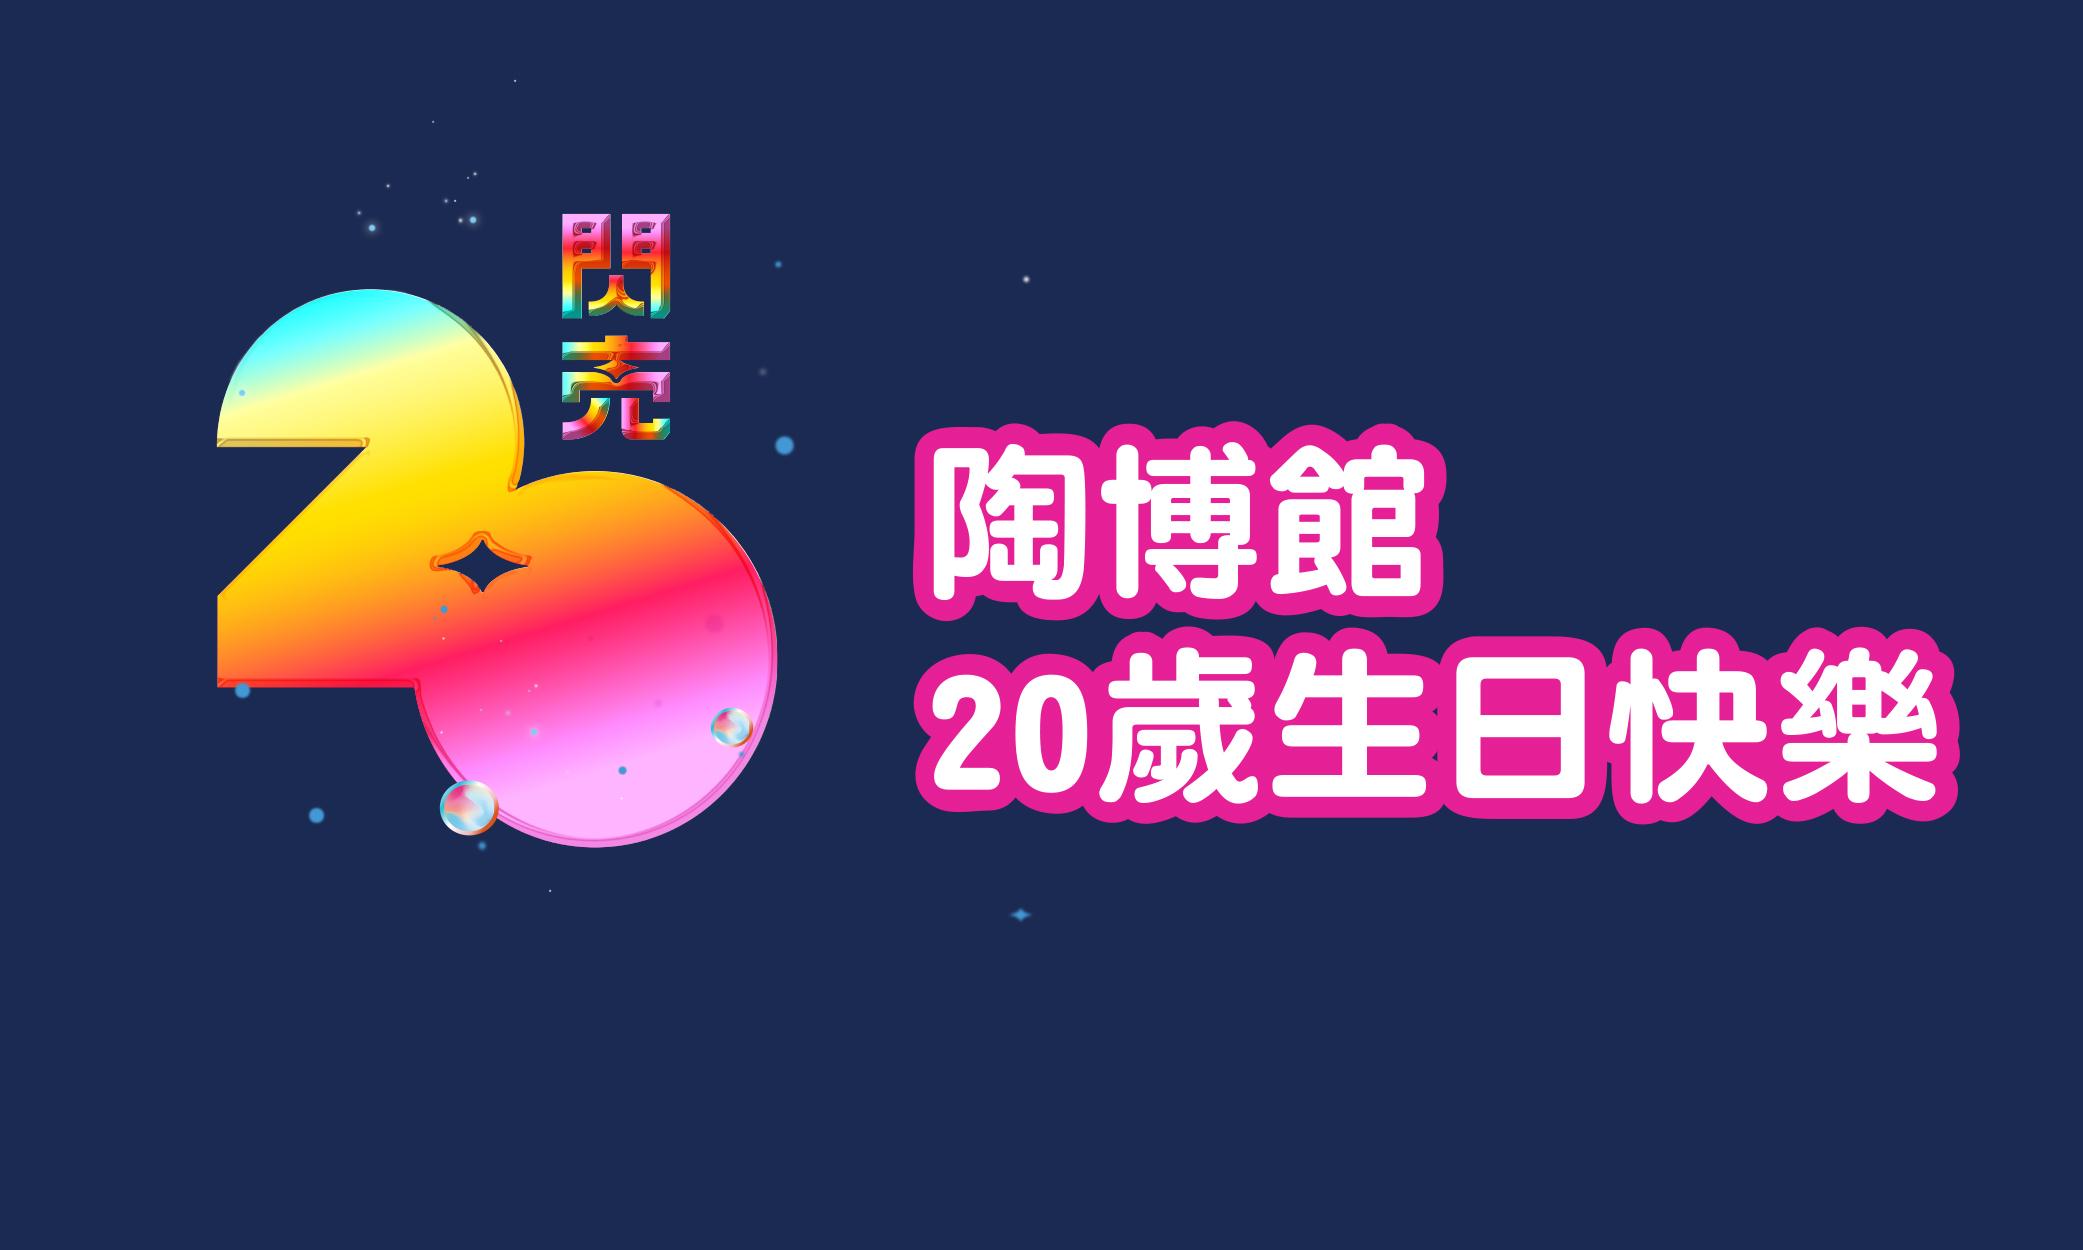 陶博館20周年館慶系列活動